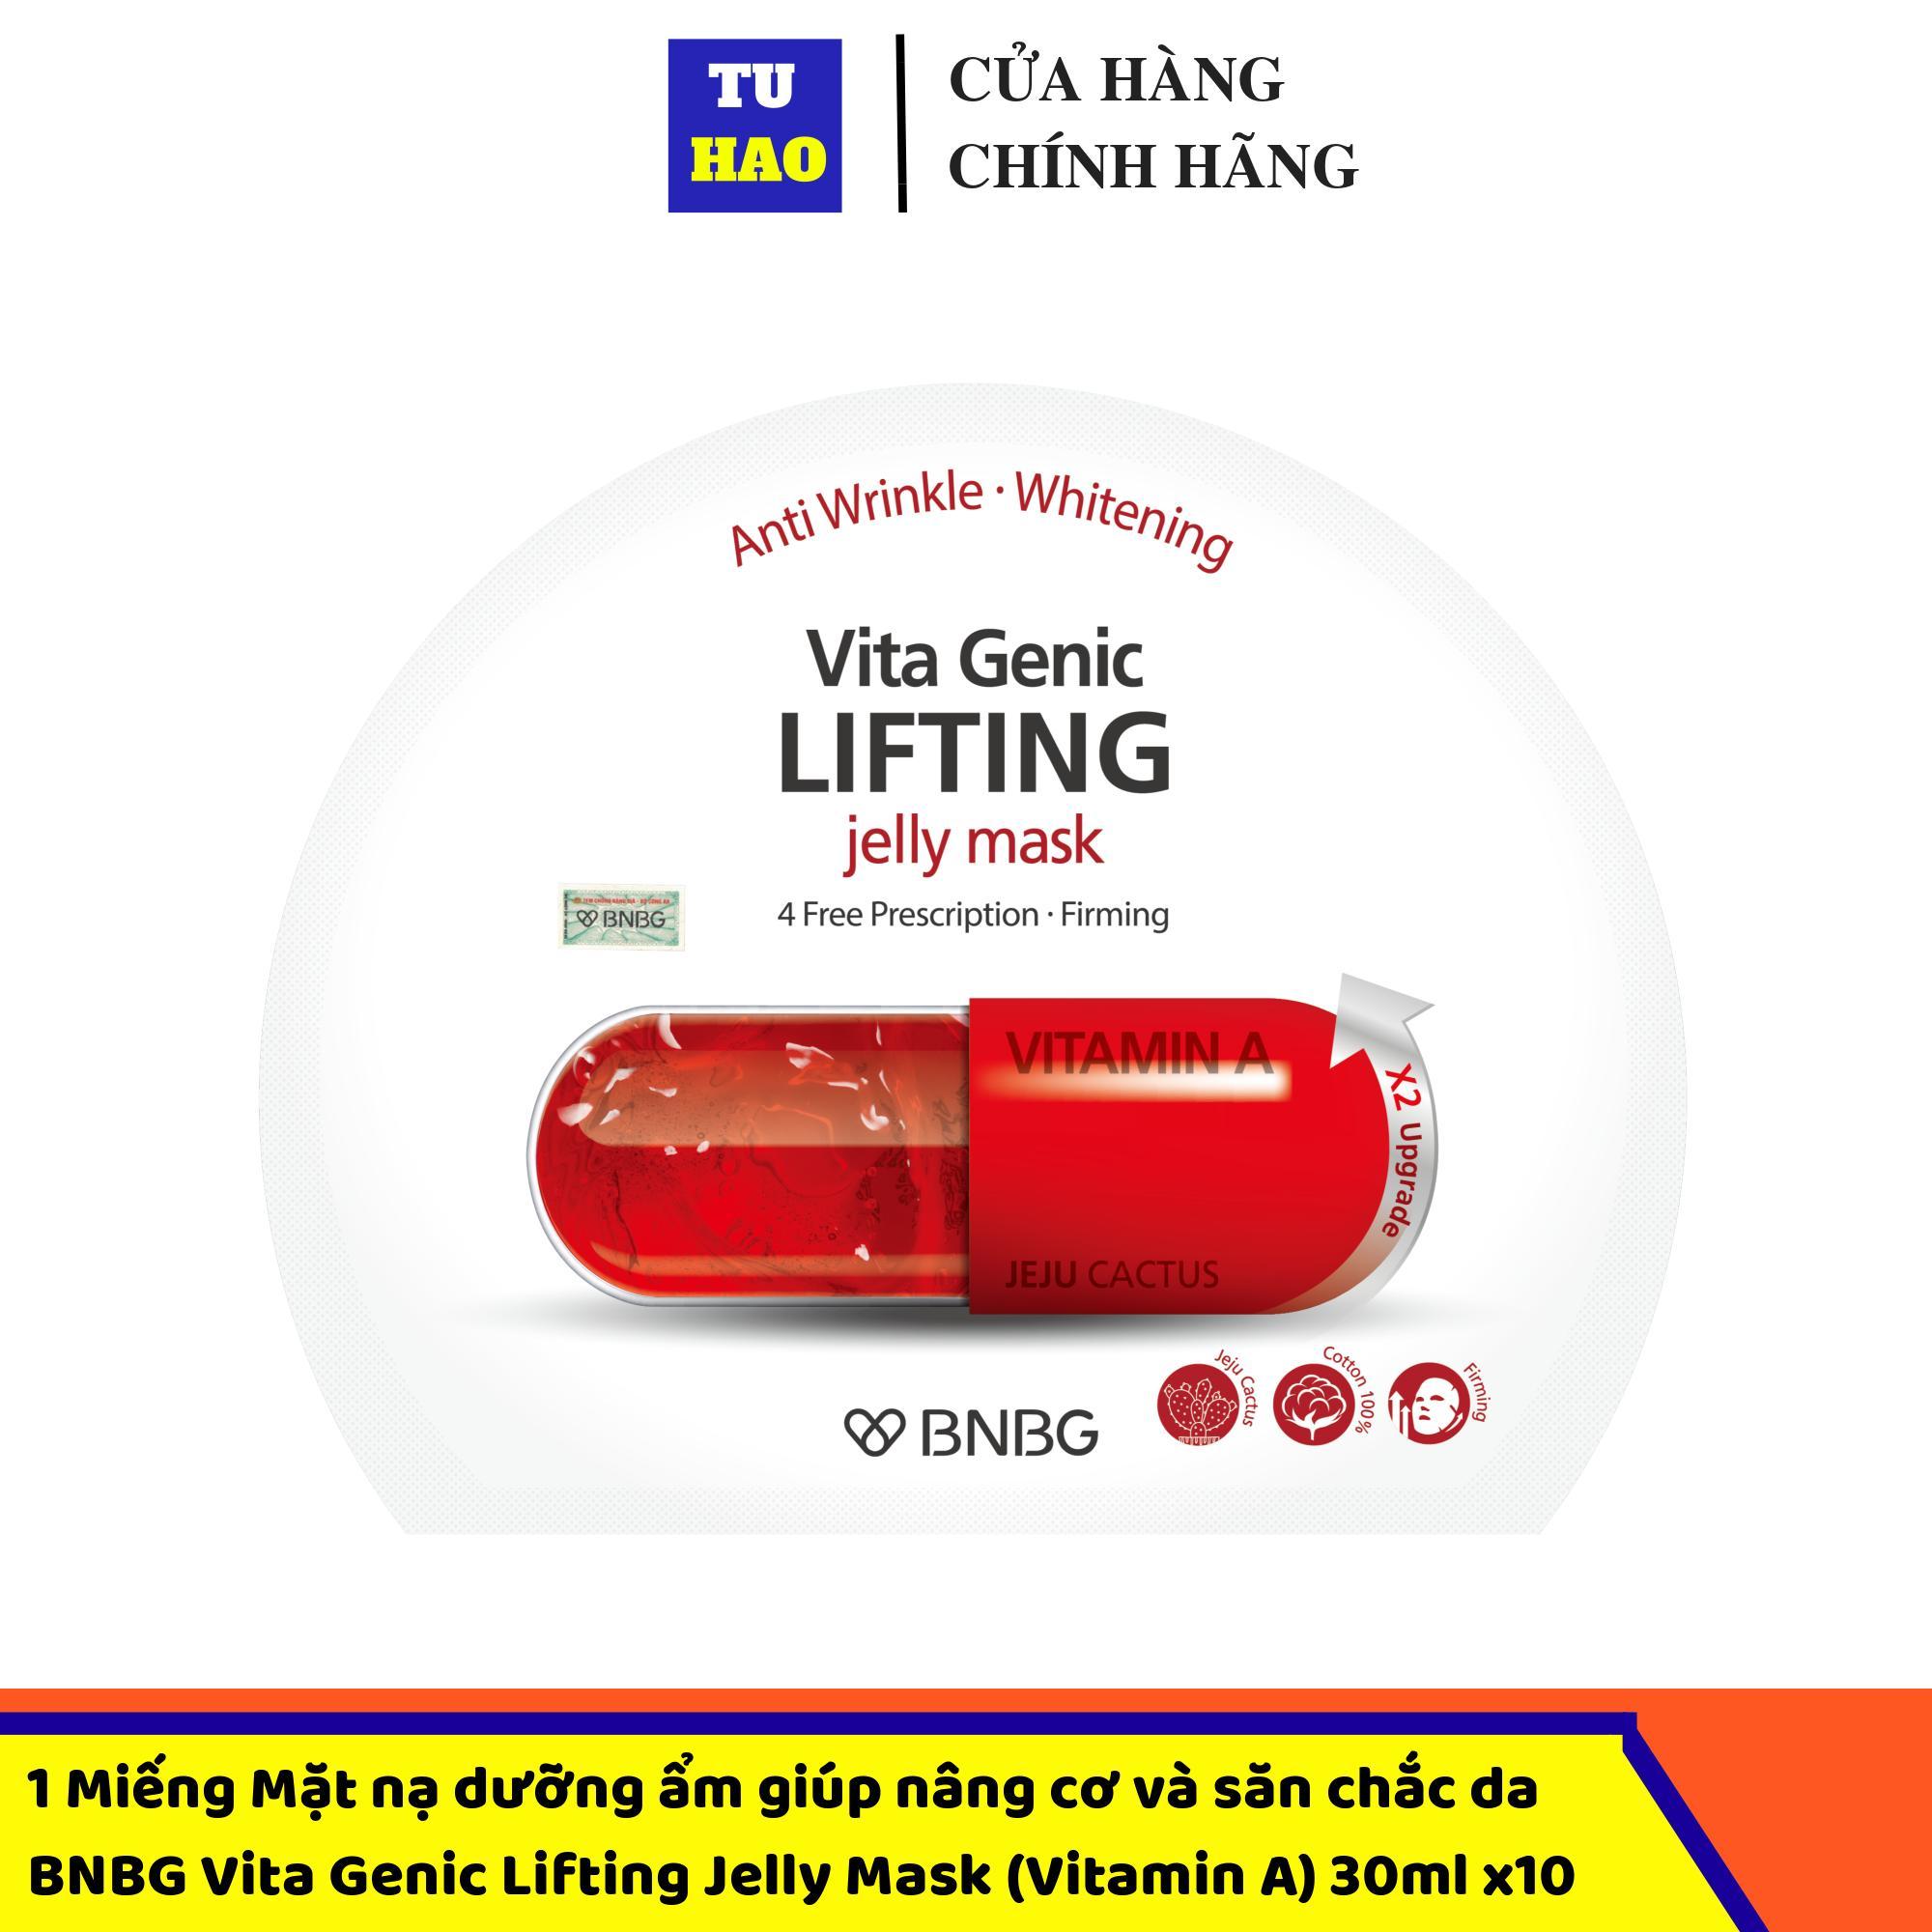 1 Miếng Mặt nạ dưỡng ẩm giúp nâng cơ và săn chắc da BNBG Vita Genic Lifting Jelly Mask (Vitamin A) 30mlx10 cao cấp